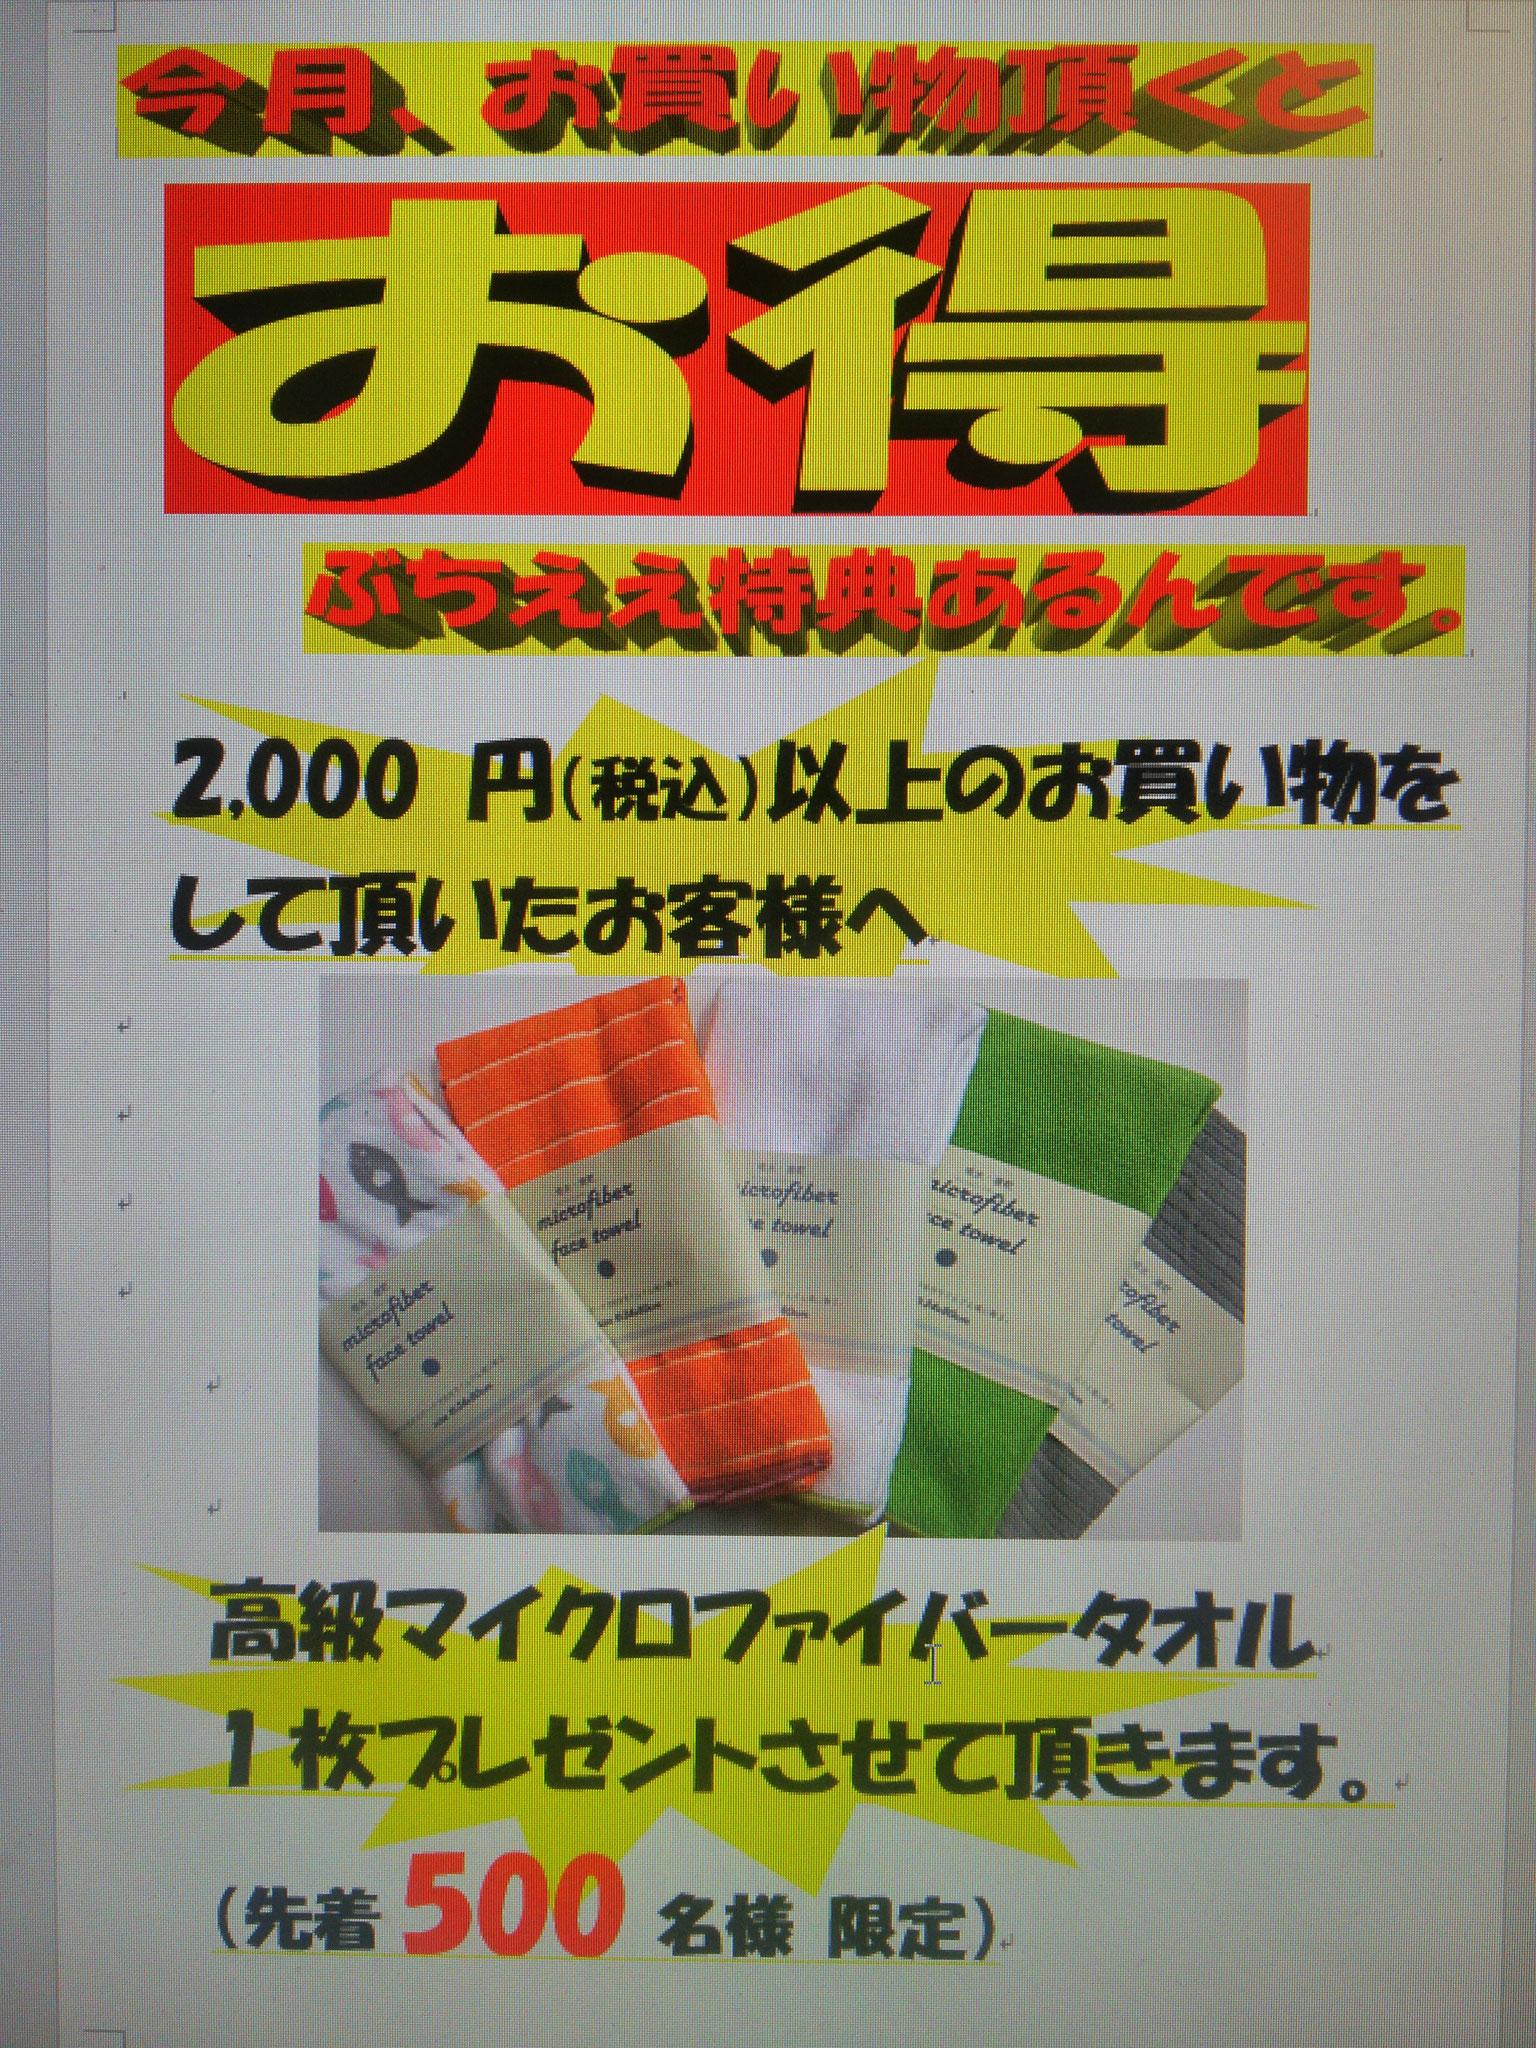 今月、2,000円以上お買い物頂くと、マイクロファイバータオルをプレゼント中!!